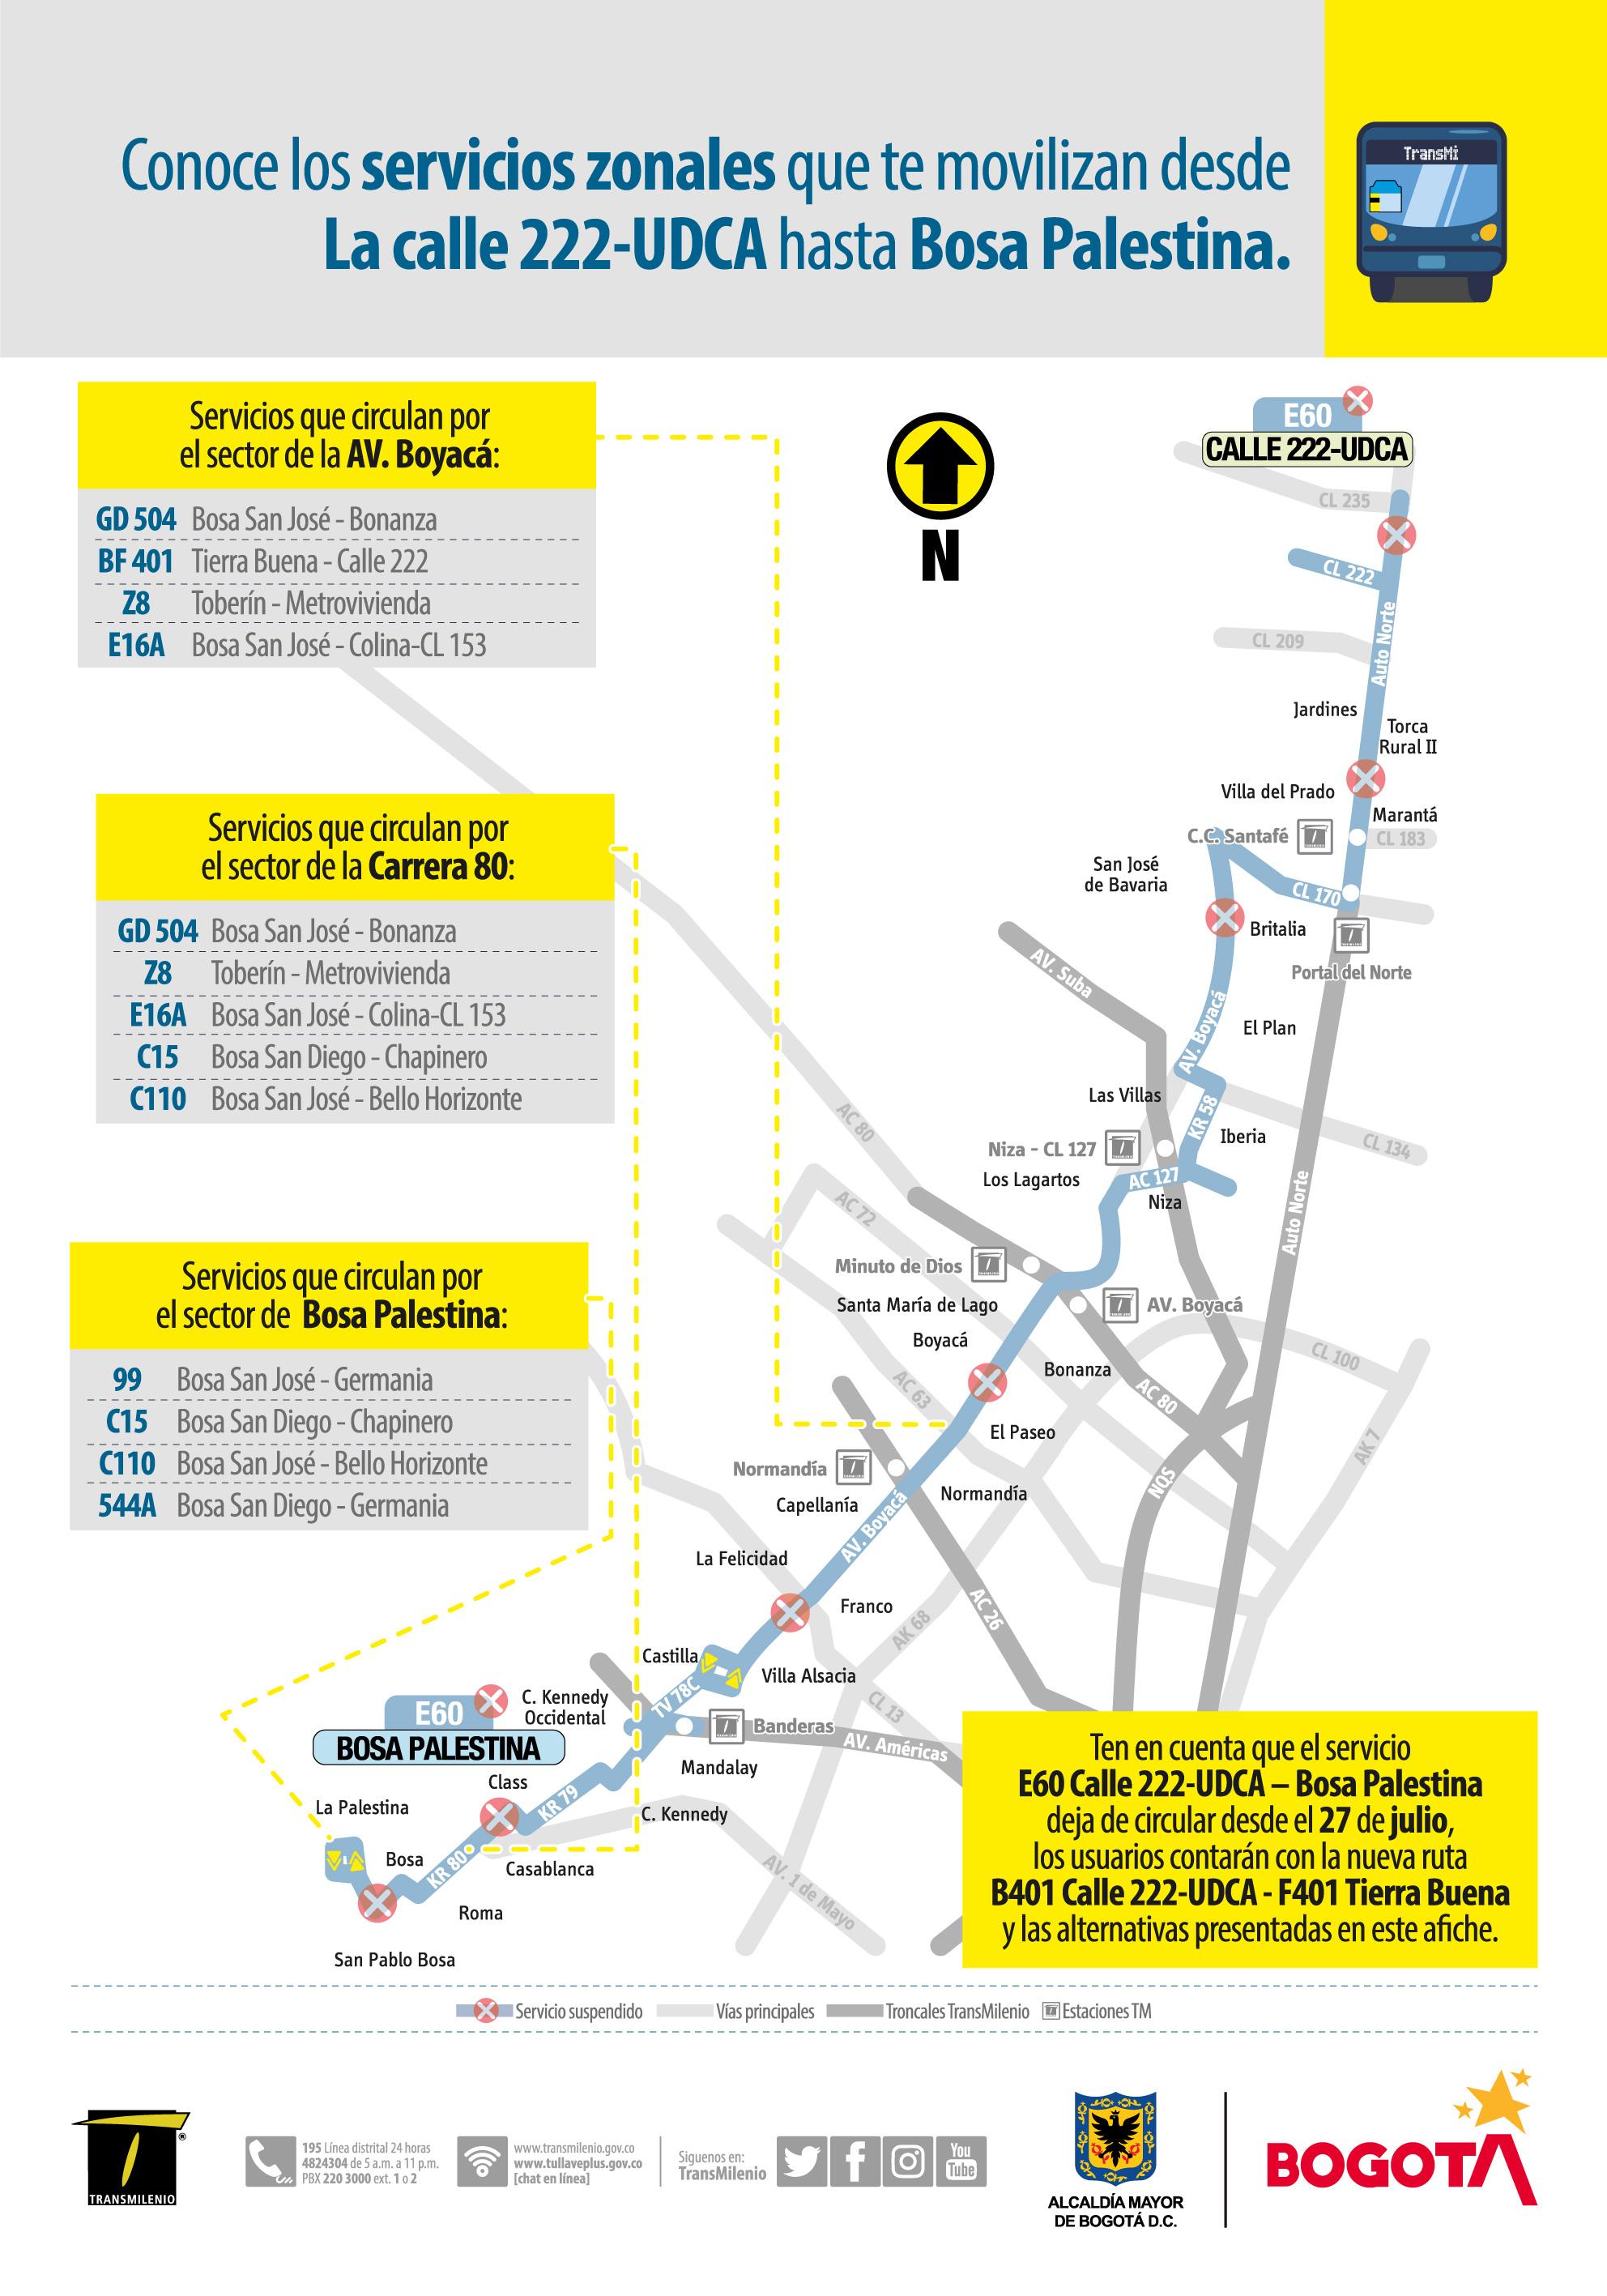 Alternativas de rutas por la zona de la ruta E60